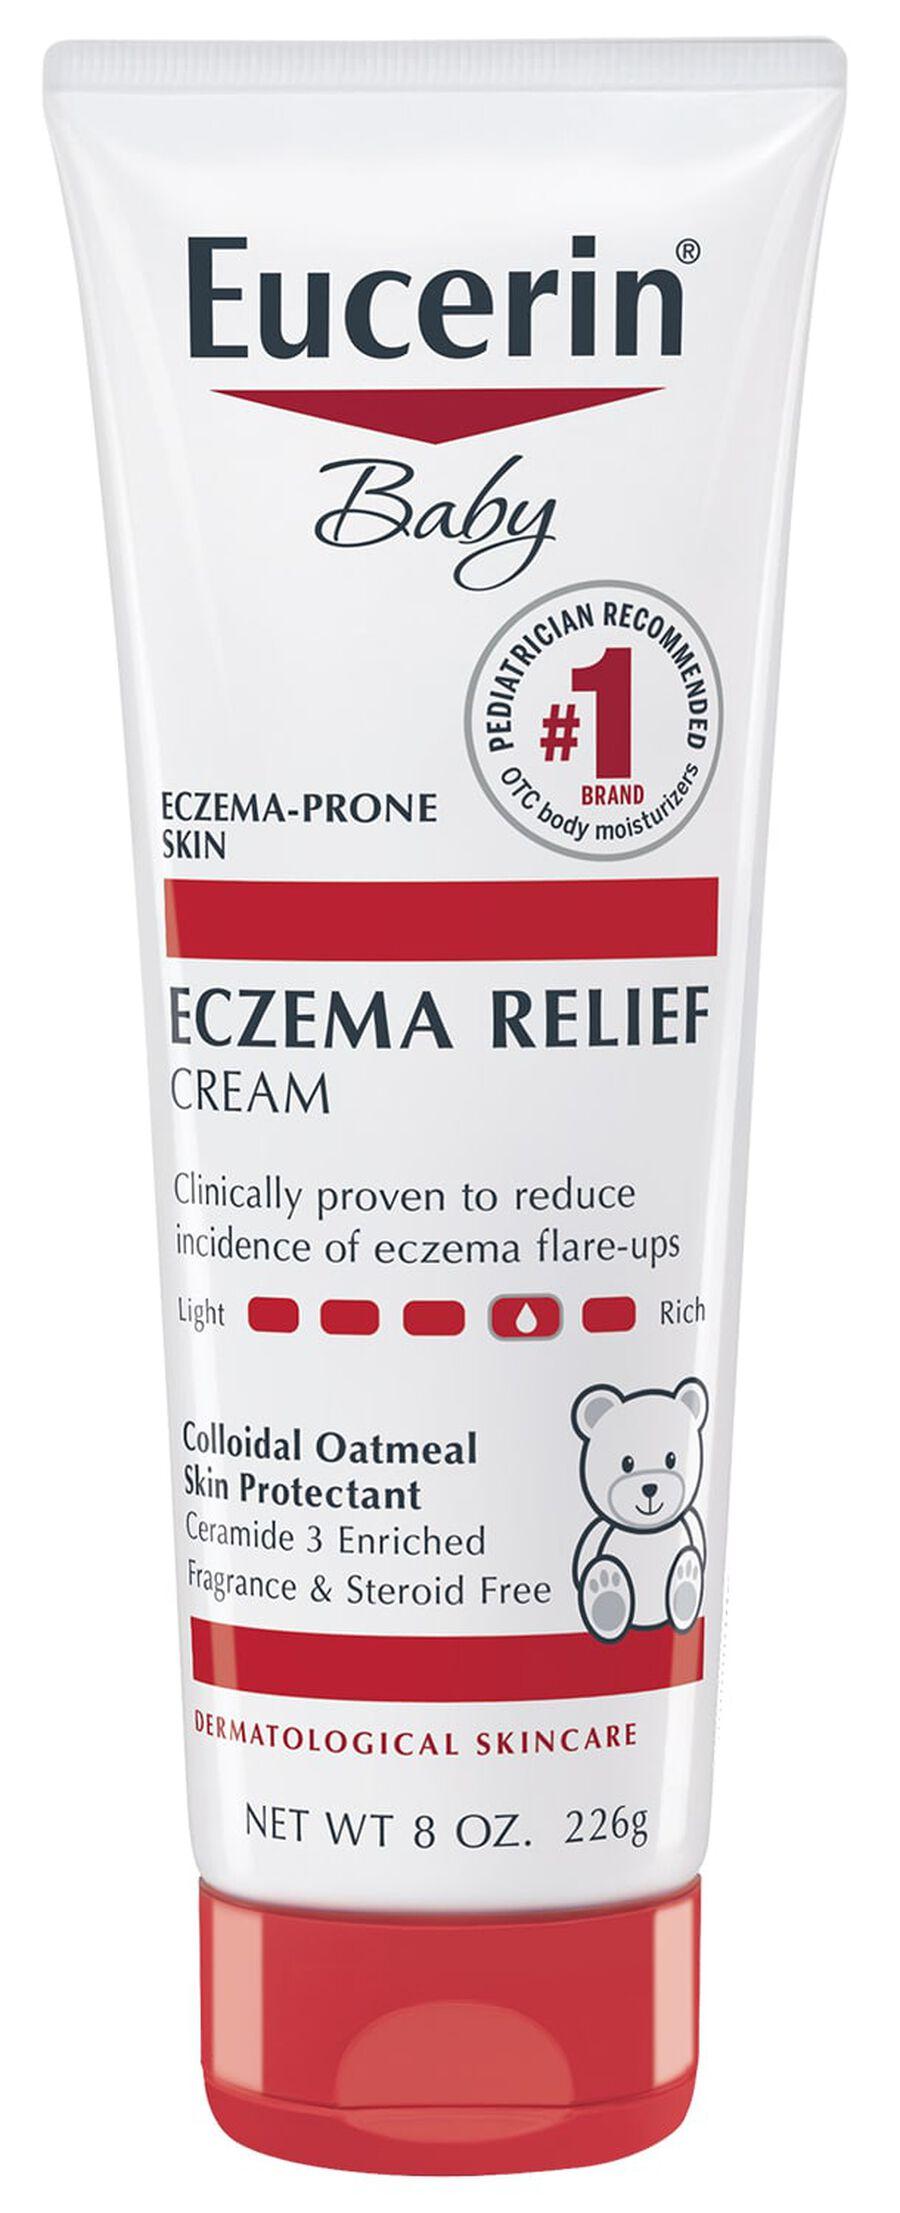 Eucerin Baby Eczema Cream, 8oz., , large image number 0